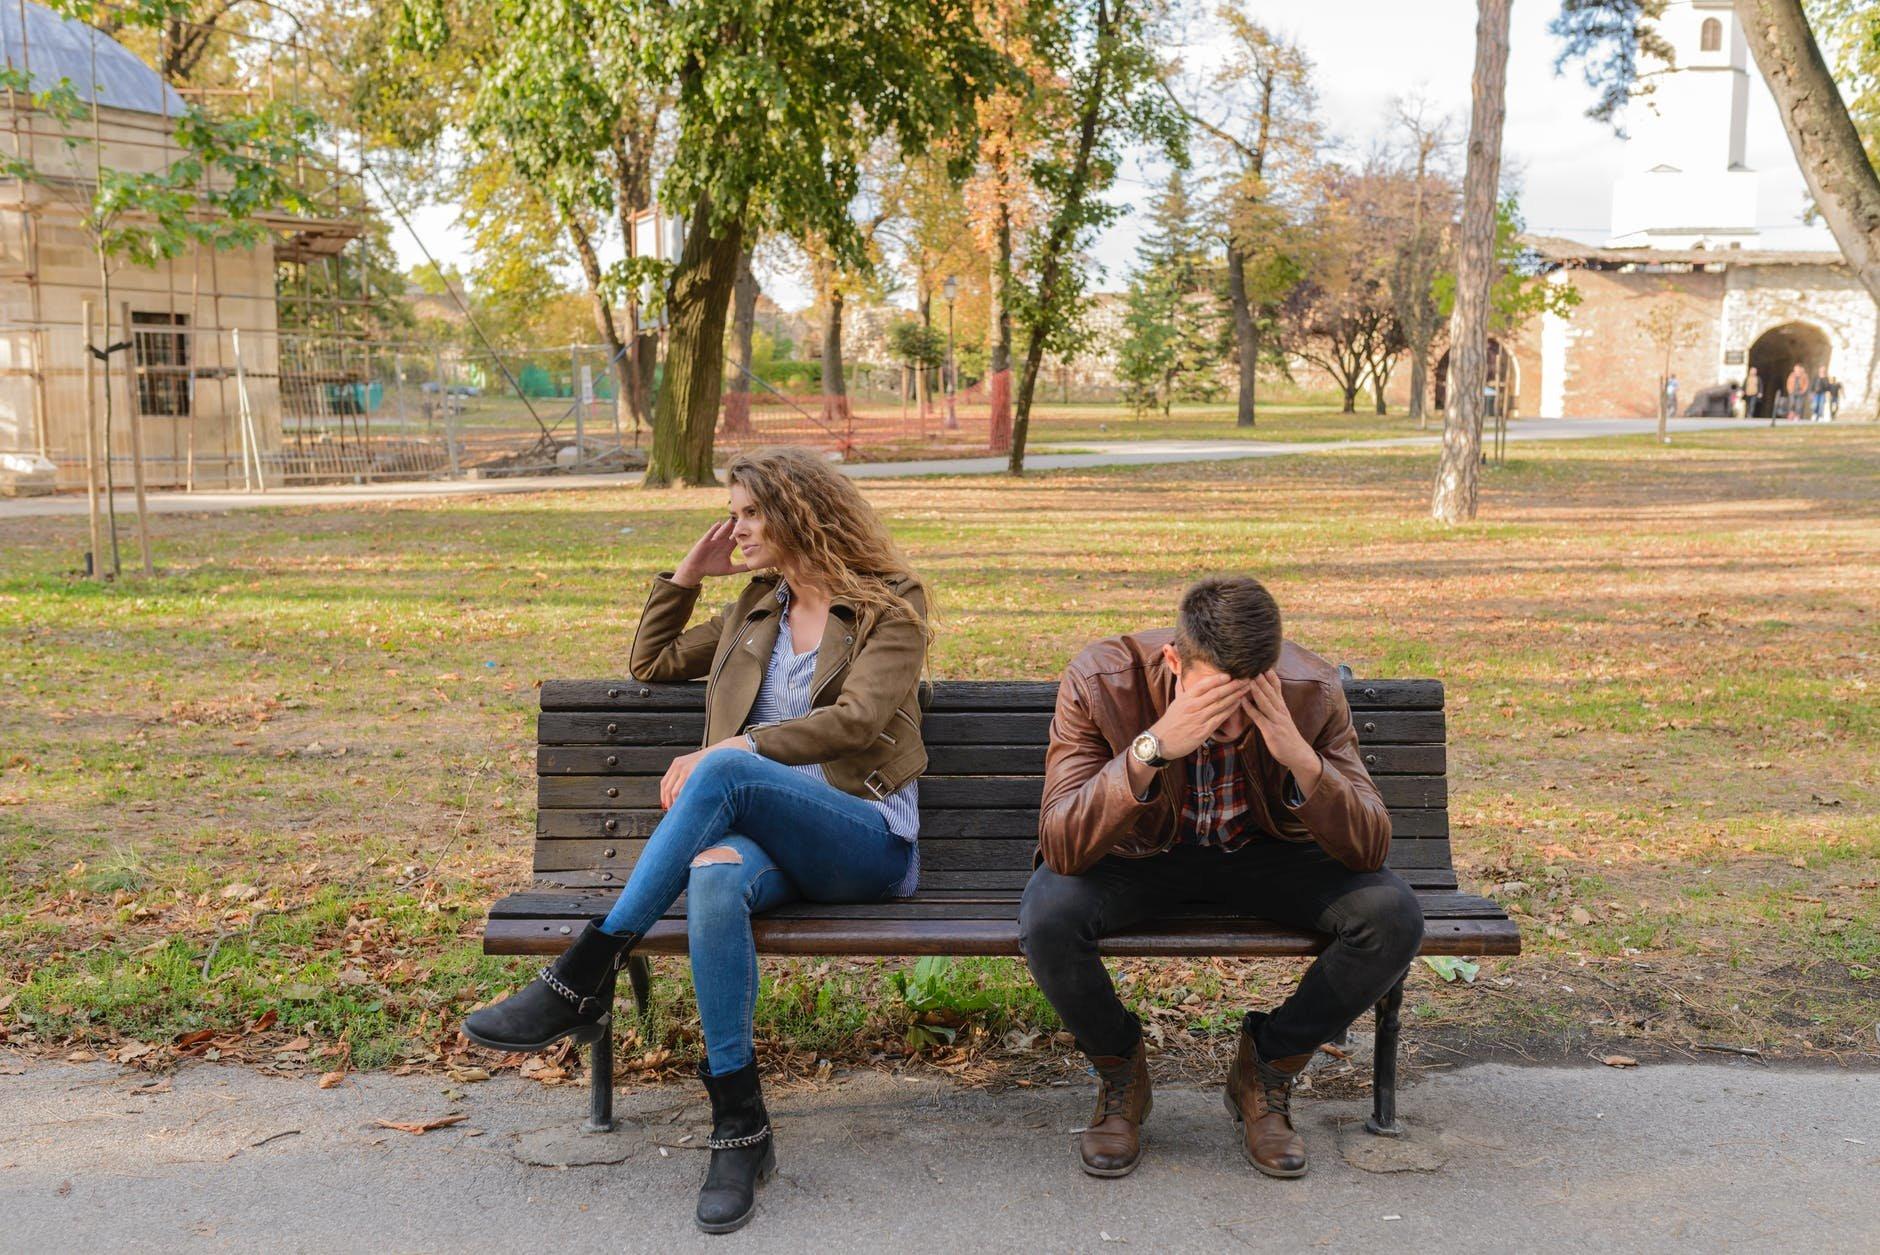 Oznaki, że spotykasz się z emocjonalnym oprawcą